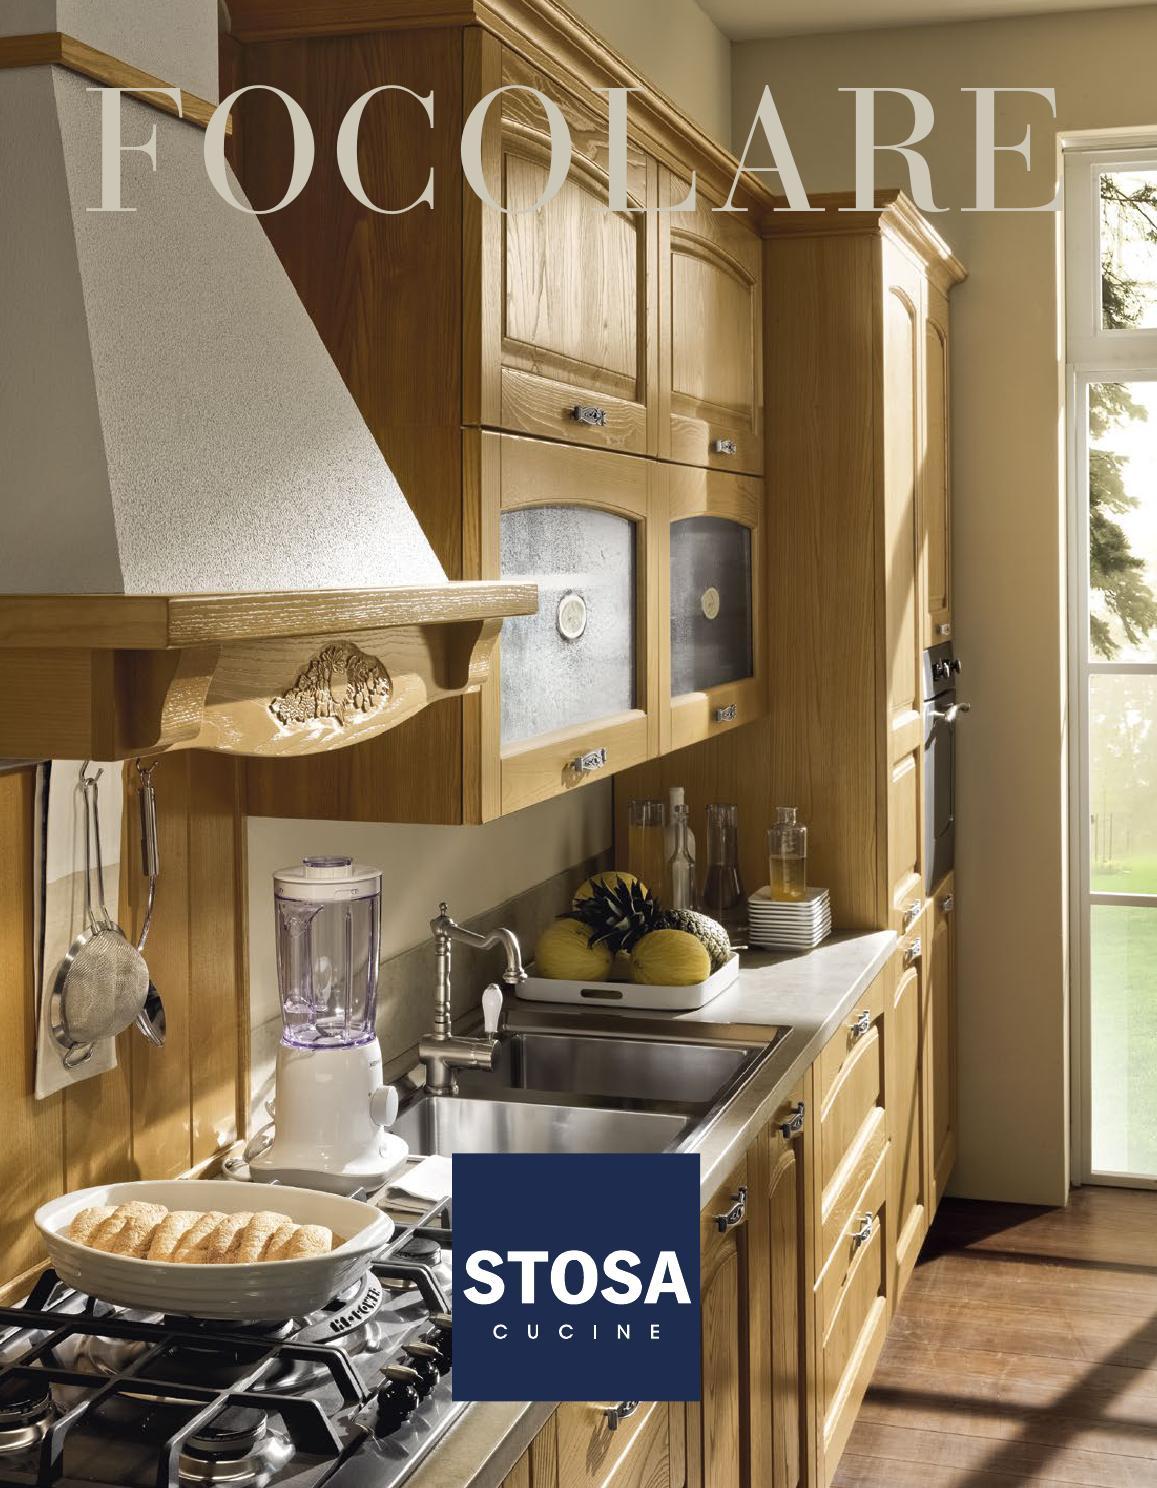 Catalogo cucine classiche stosa focolare by stosa cucine issuu - Stosa cucine catalogo ...